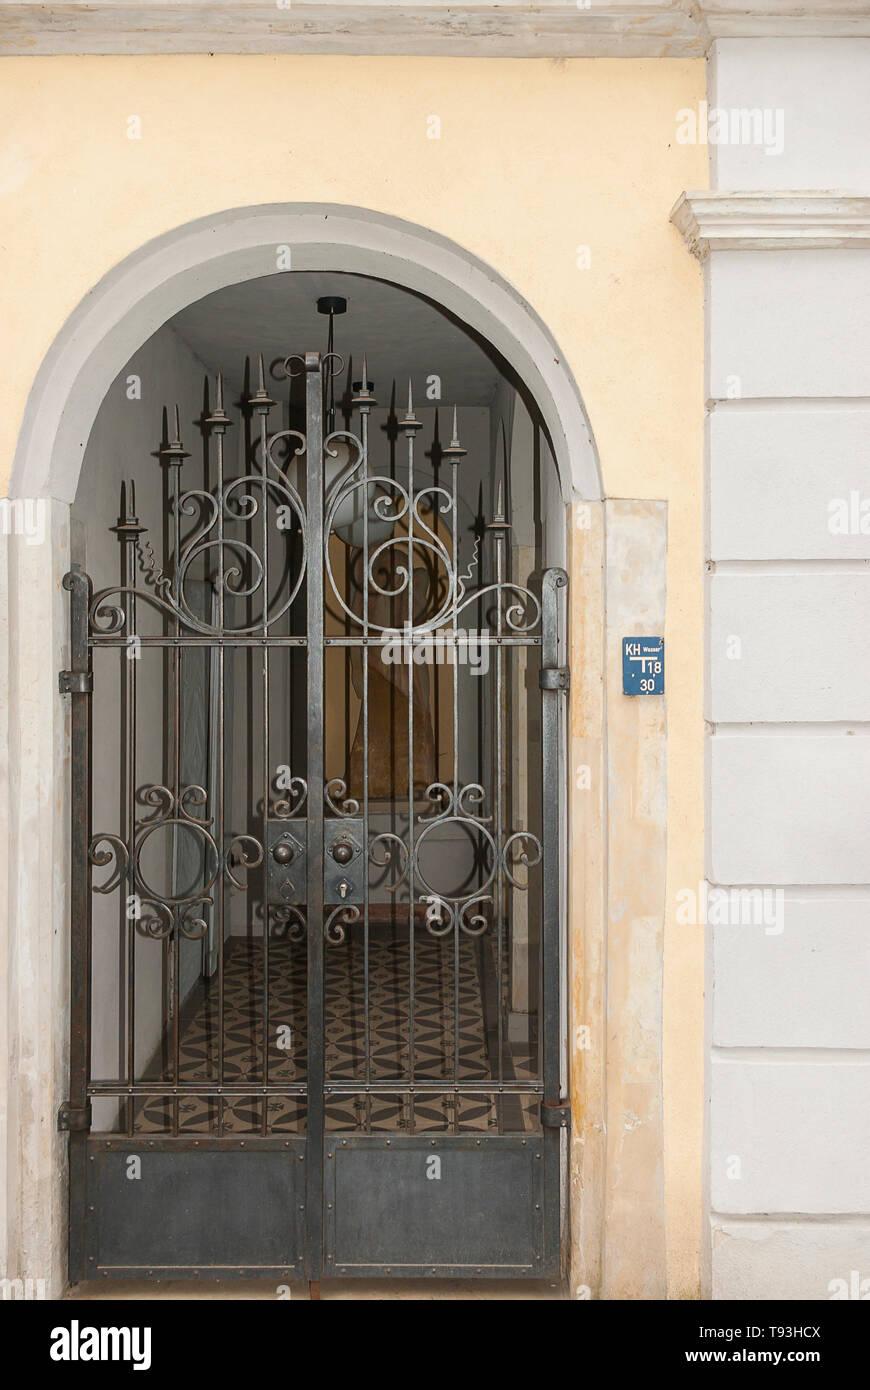 Eisernen Tor in einem Wohngebiet Eingang auf plattleite Straße im Villenviertel von Weisser Hirsch im Stadtteil Loschwitz, Dresden, Sachsen, Deutschland. Stockfoto